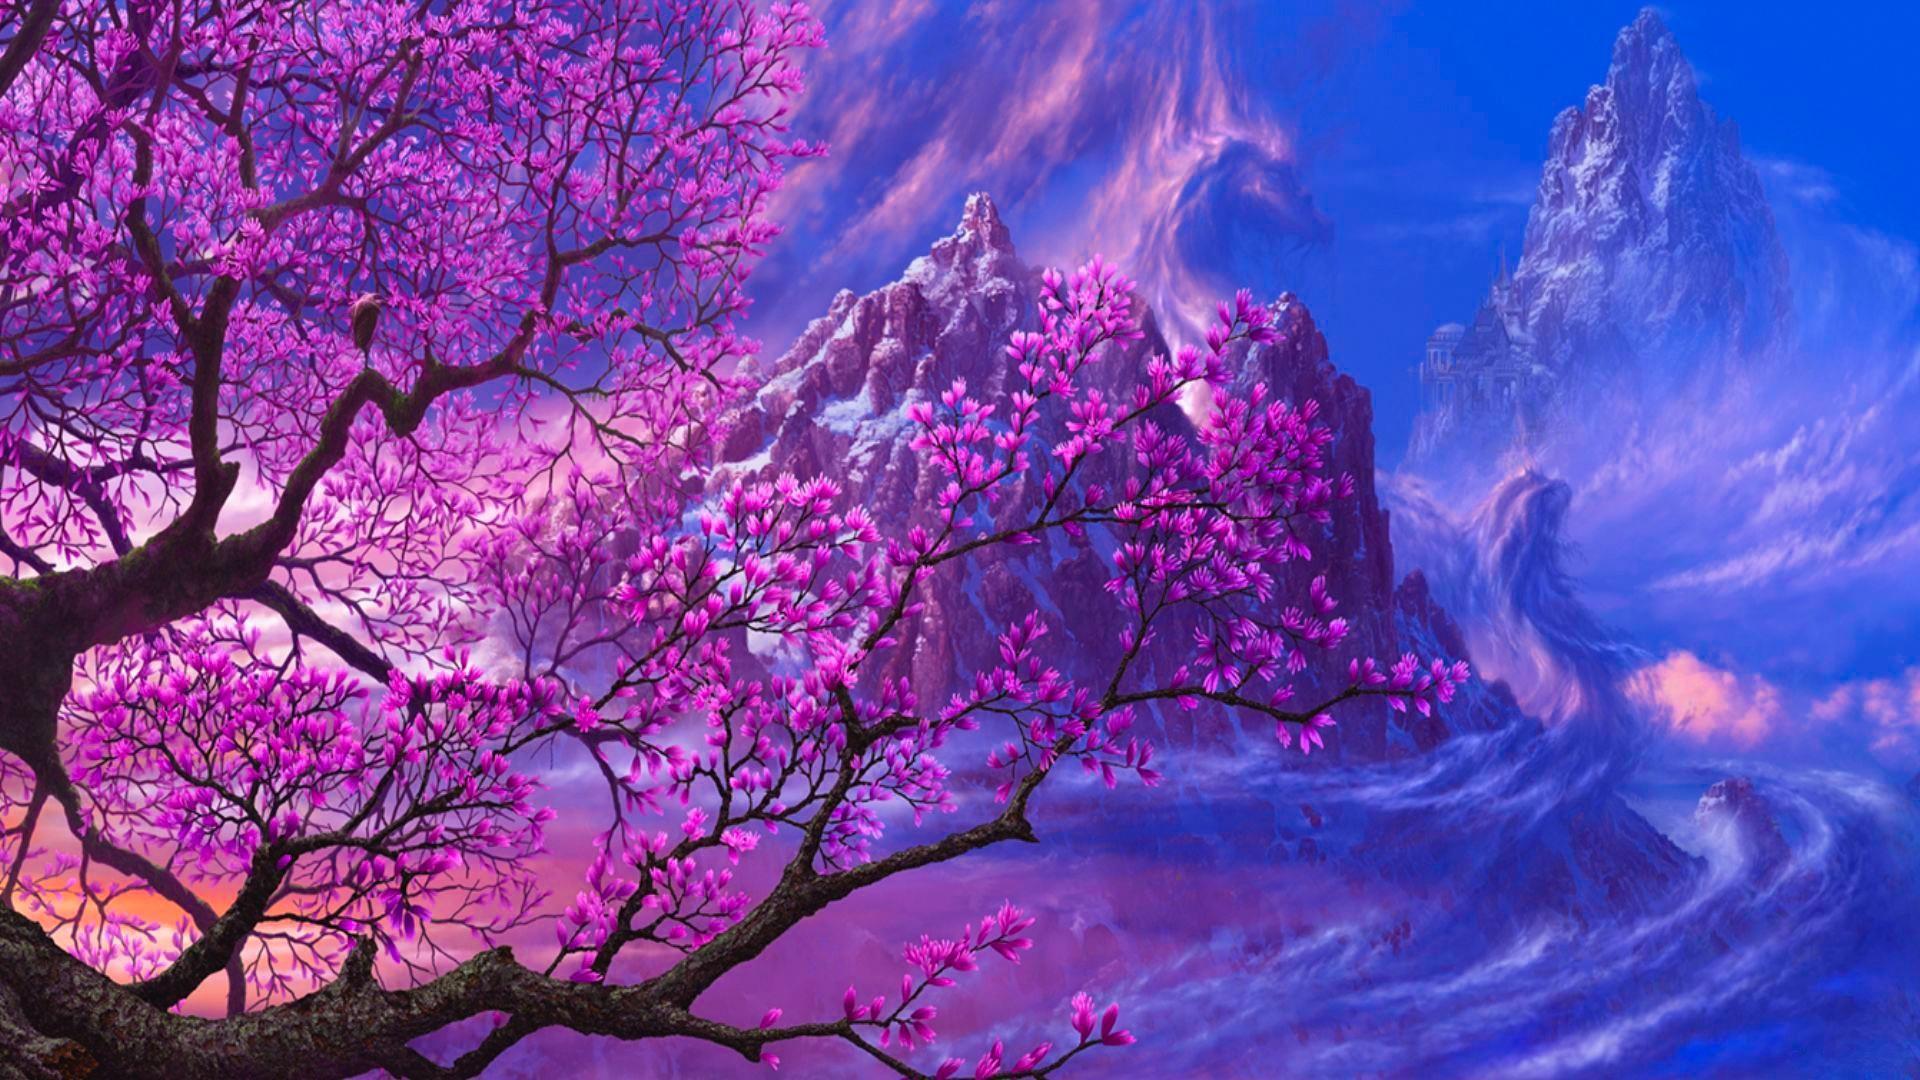 Iphone 7 Water Wallpaper Sakura Wallpaper 69 Immagini